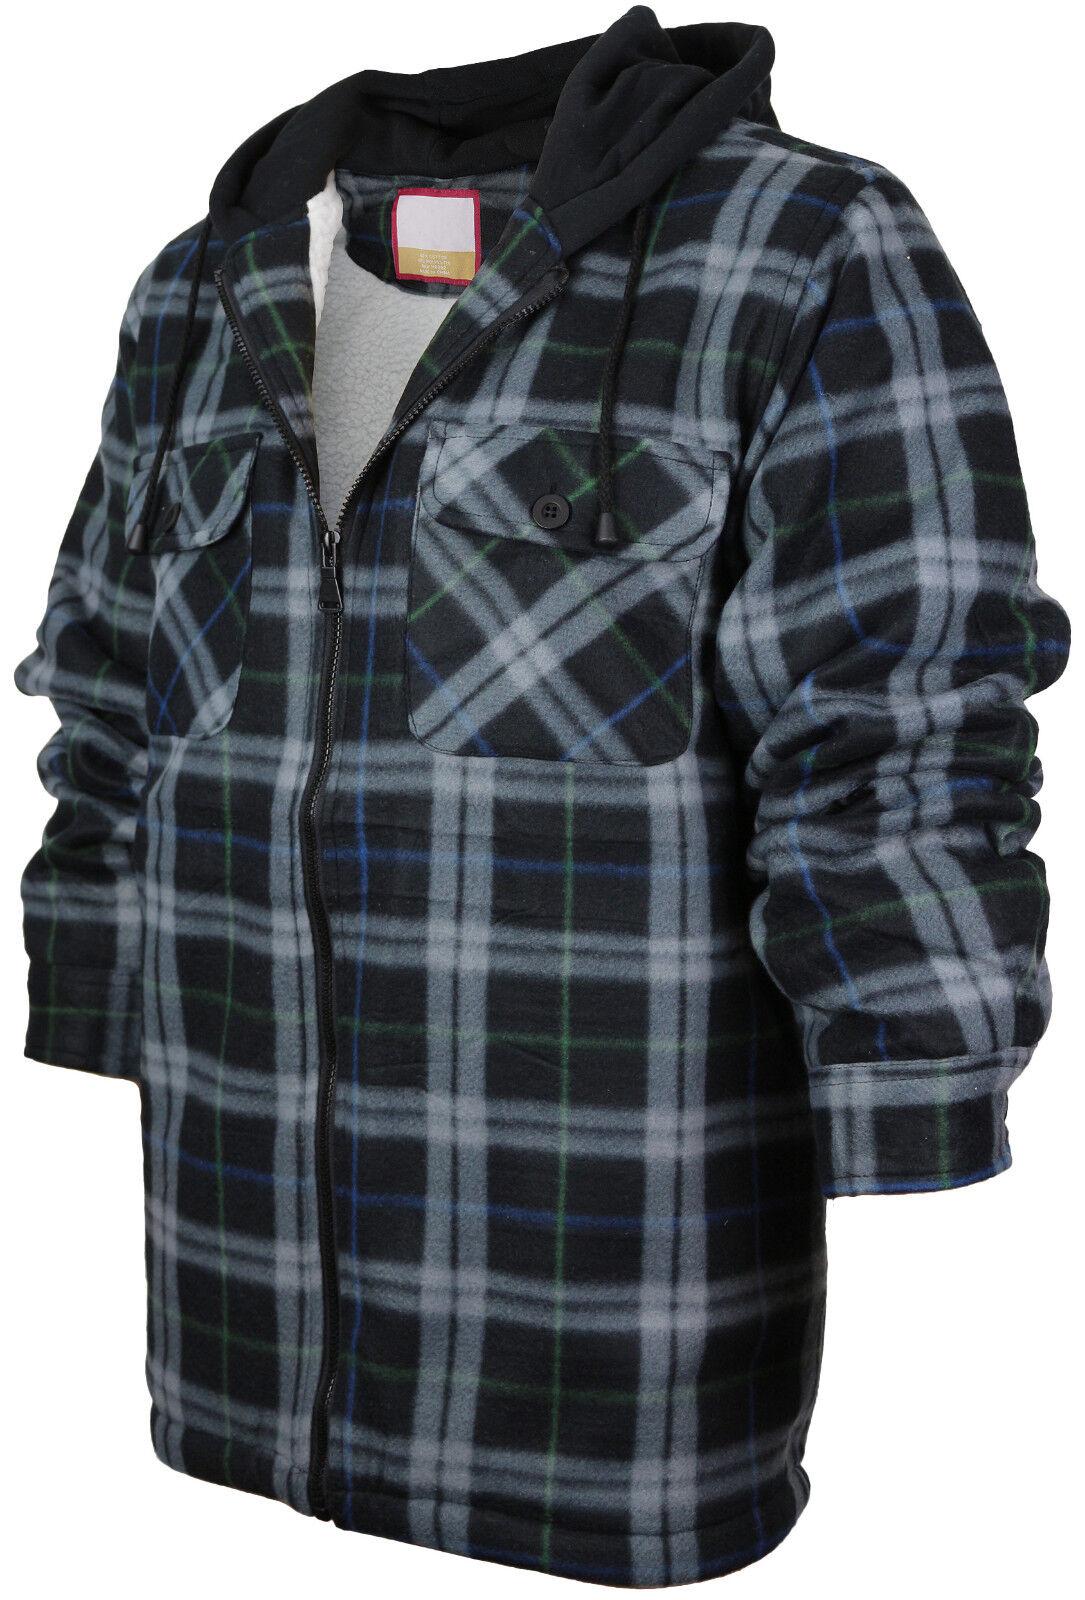 Men's Heavy Fleece Lined Sherpa Hoodie Plaid Flannel Jacket With Hood E02 - Black Grey Green